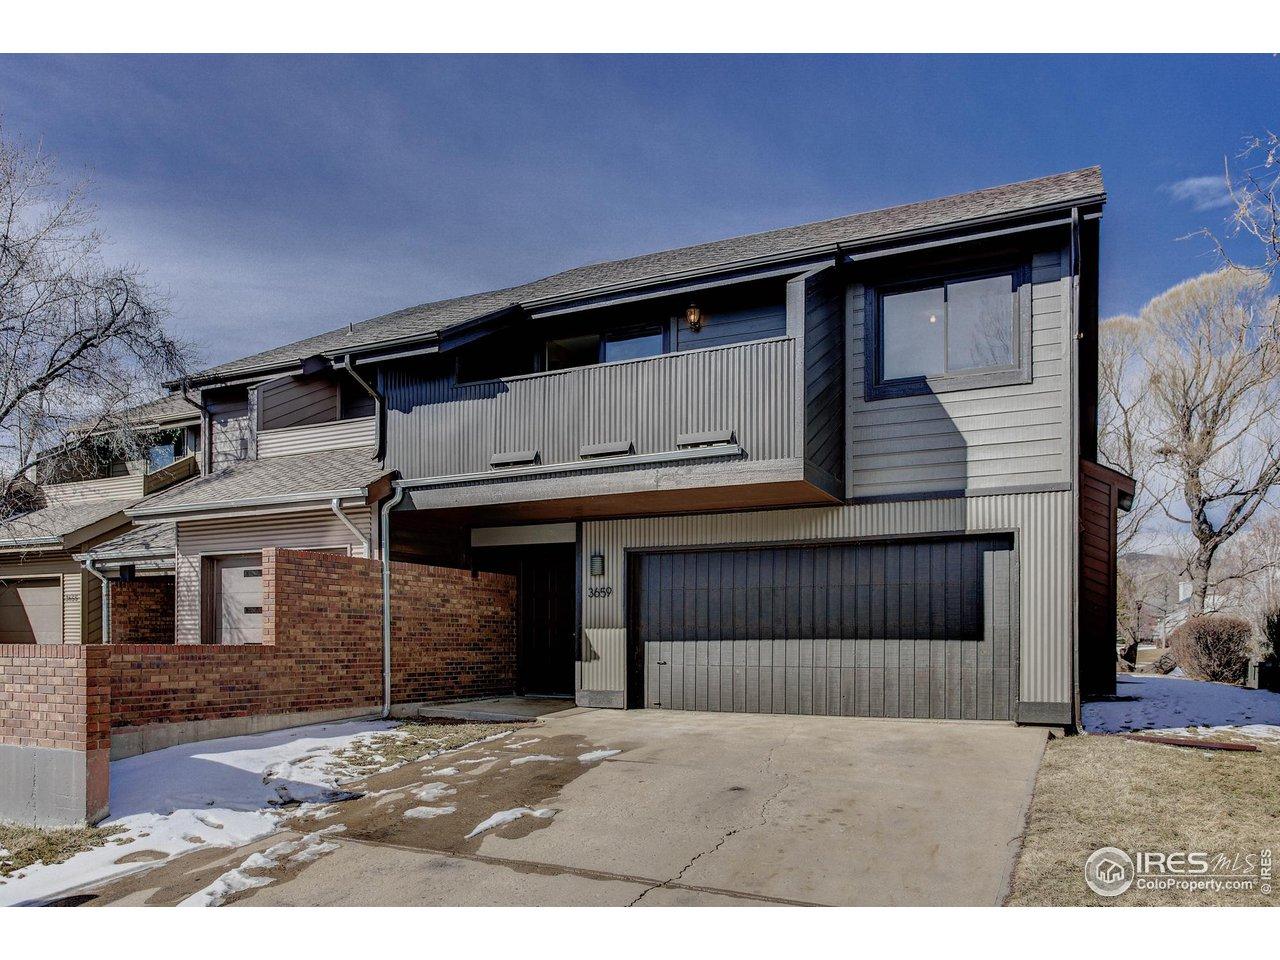 3659 Hazelwood Ct, Boulder CO 80304